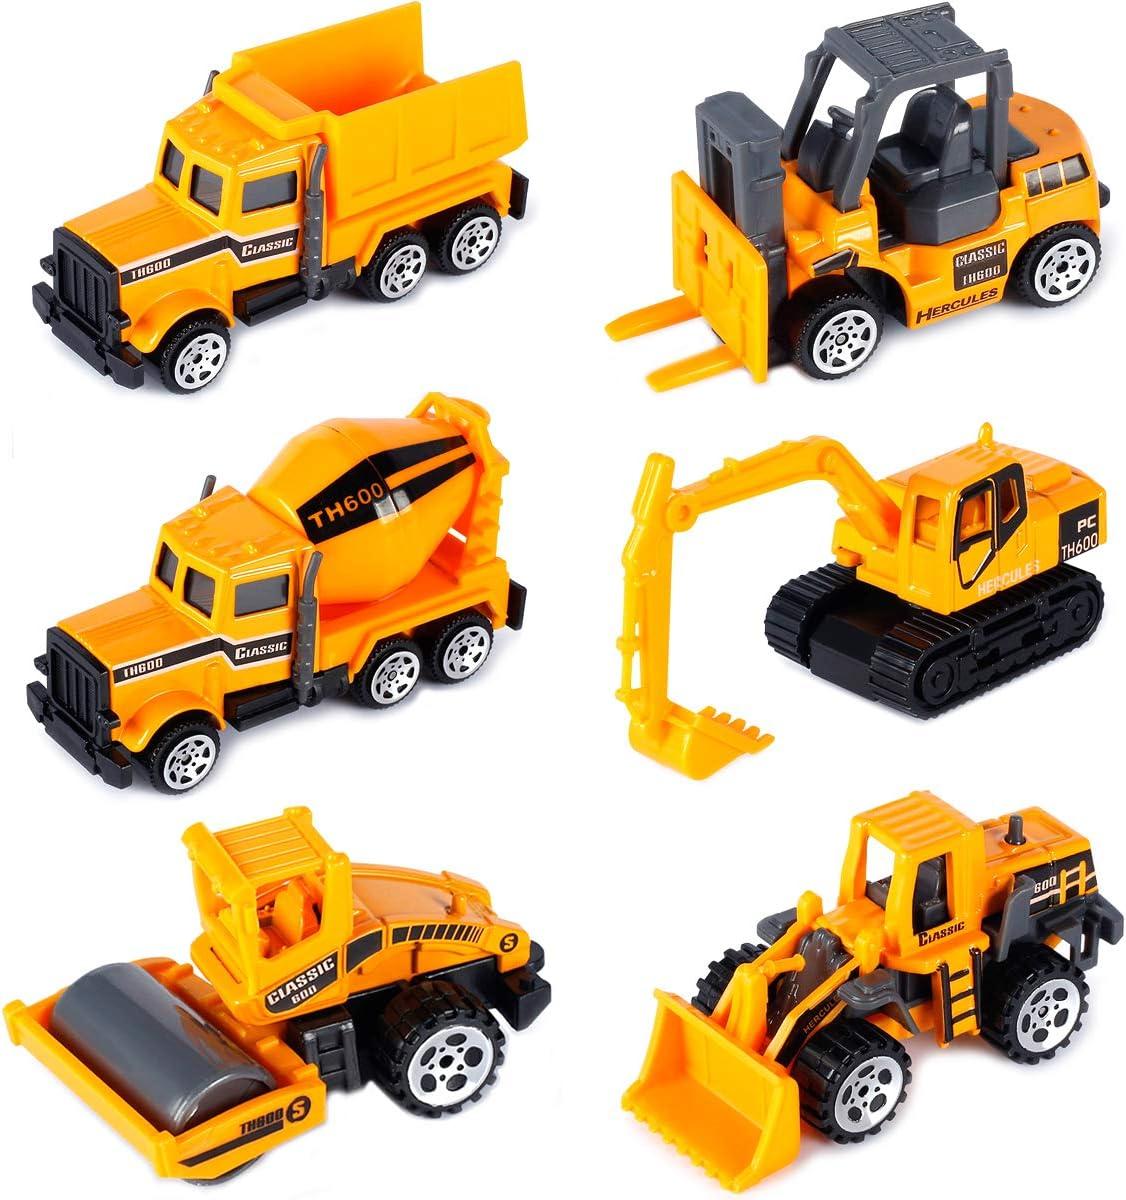 Dreamon Camiones de Construcción Mini Coches Escala 1:72 Juguetes de Colección para Años (Pack de 6)